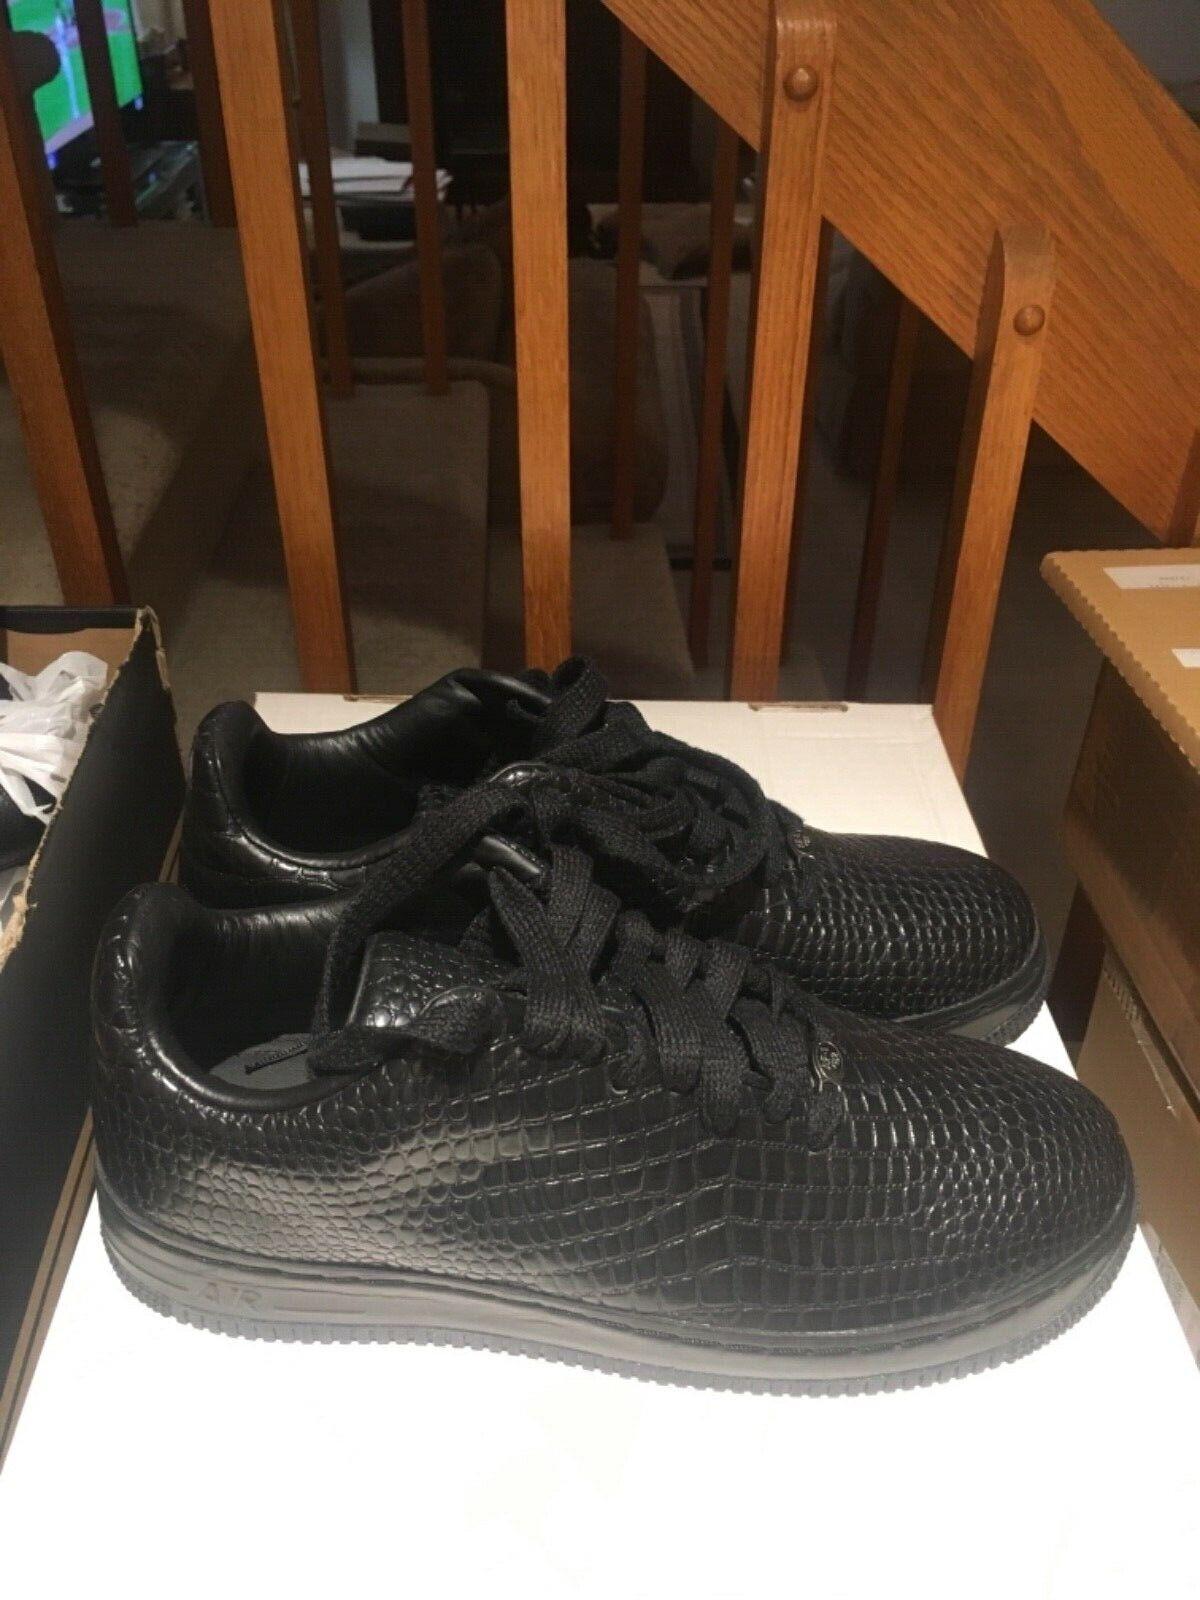 Nike Air Force 1 Supreme 2006 Black